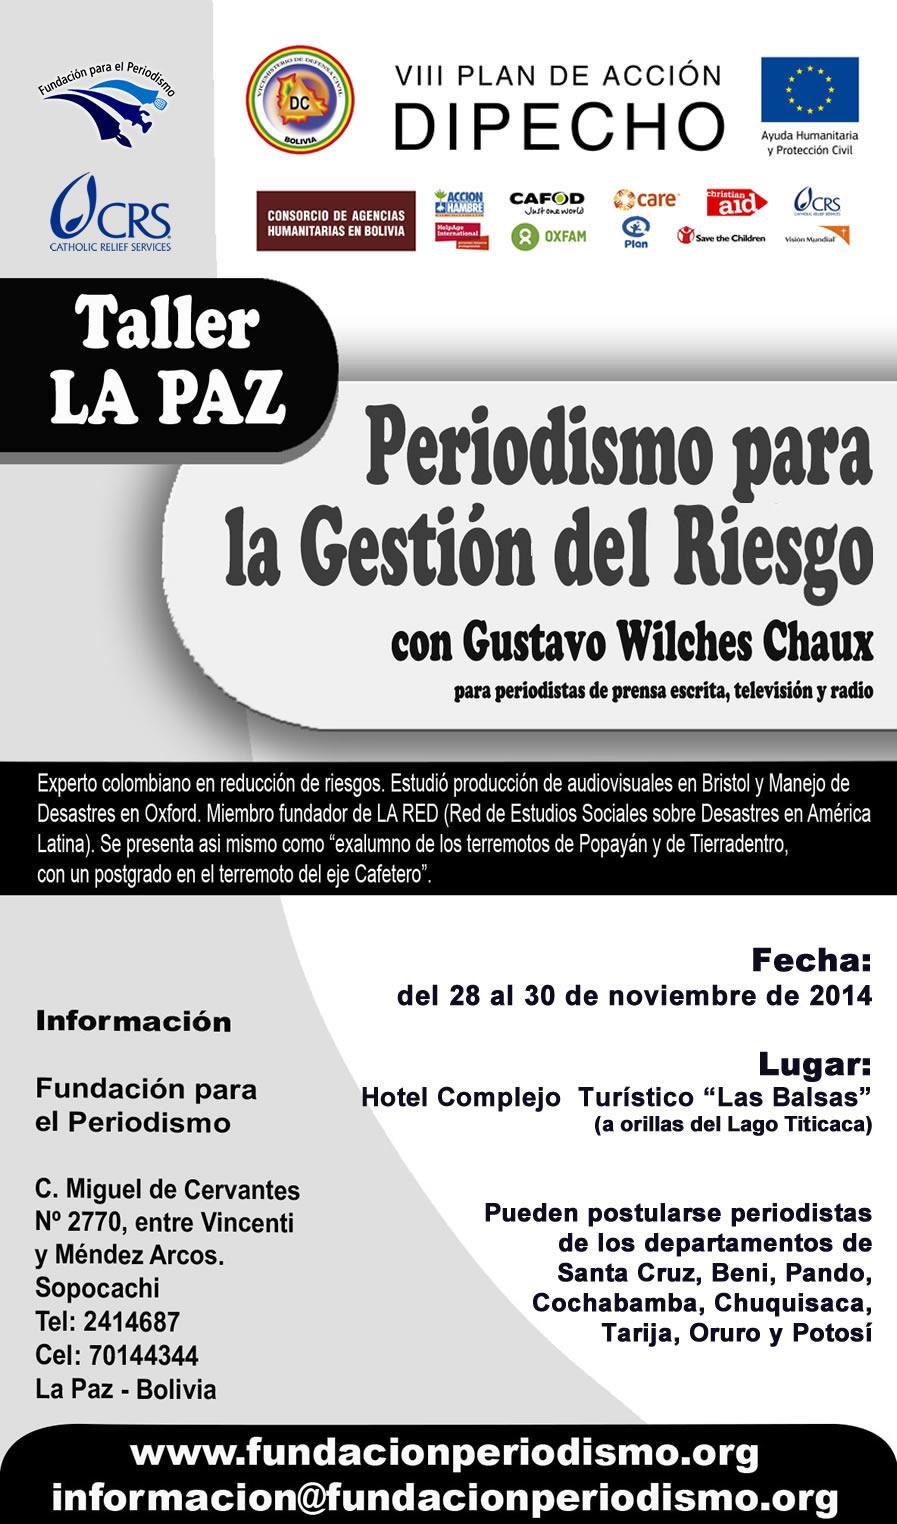 La Paz, Taller de Periodismo para la Gesti?n del Riesgo